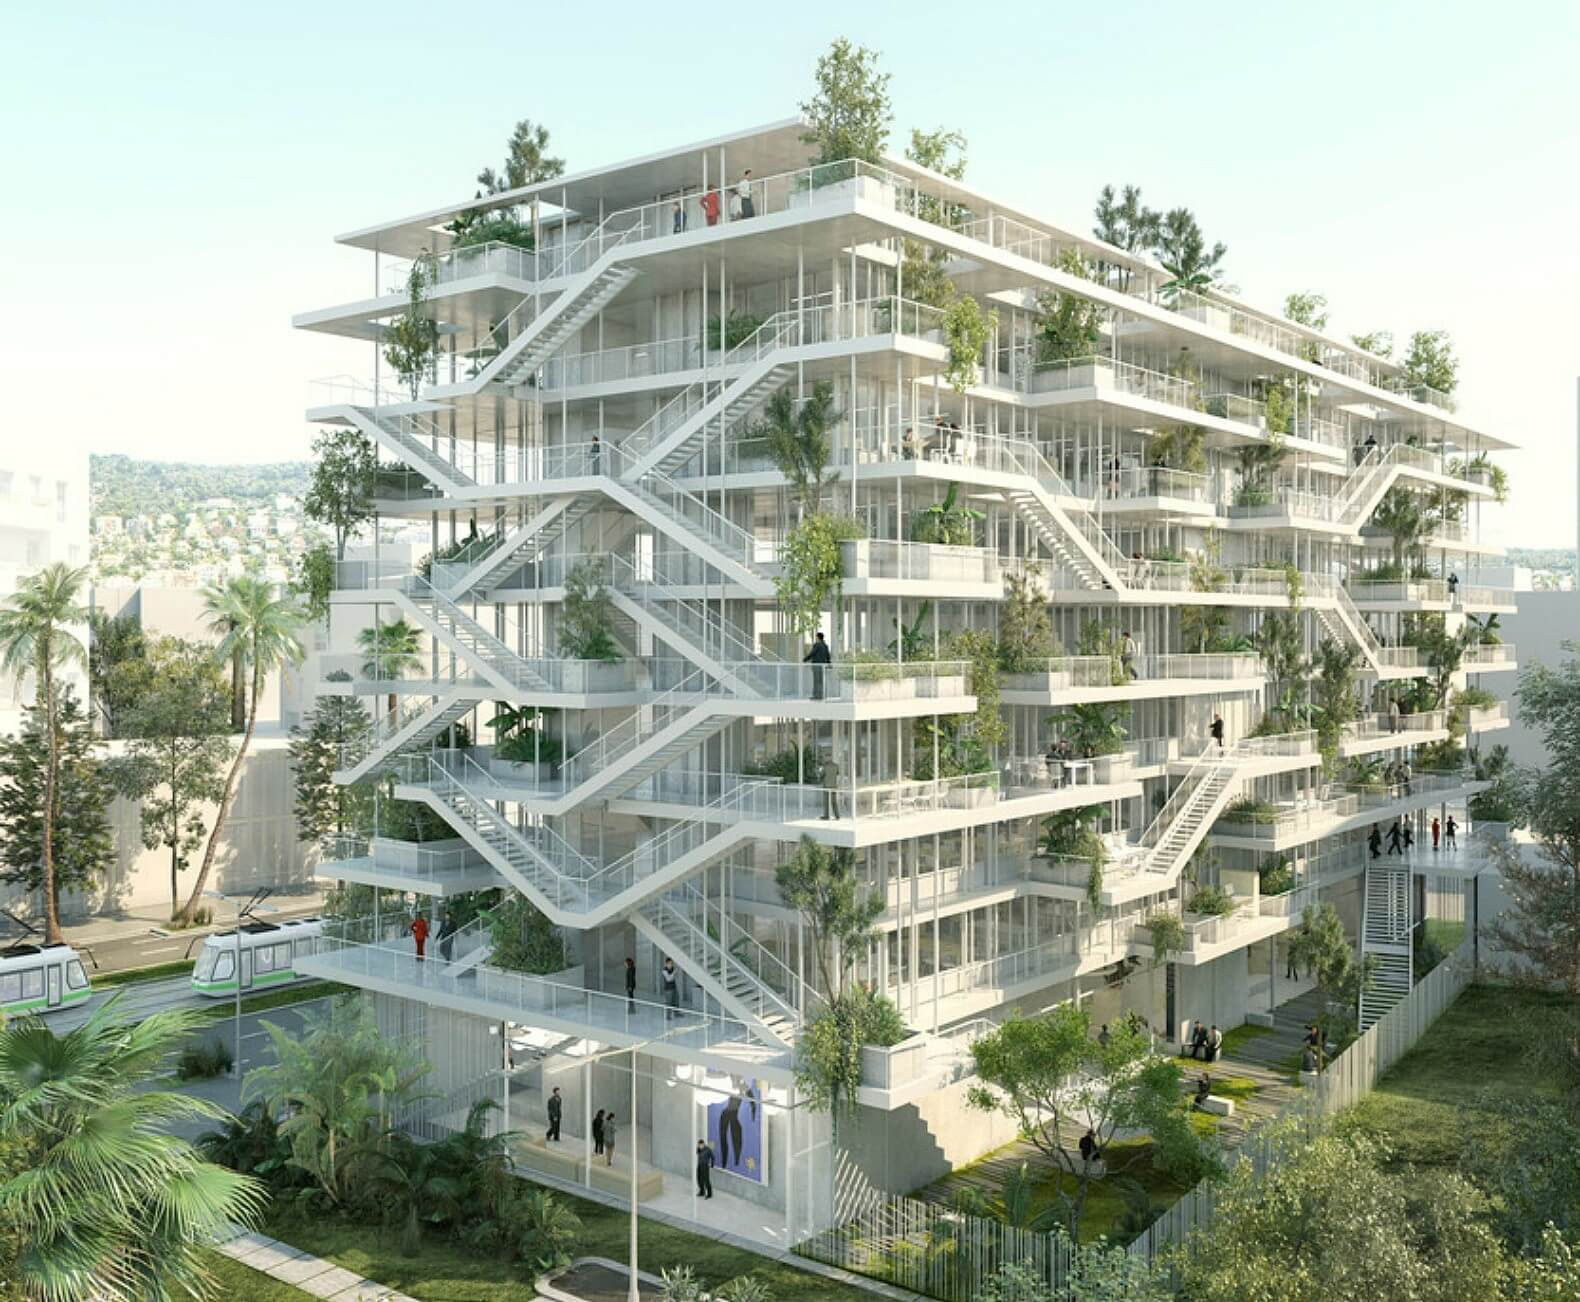 Az épületek ontják a széndioxidot, a fenntarthatóságért küzd a Zöld Építés Hete